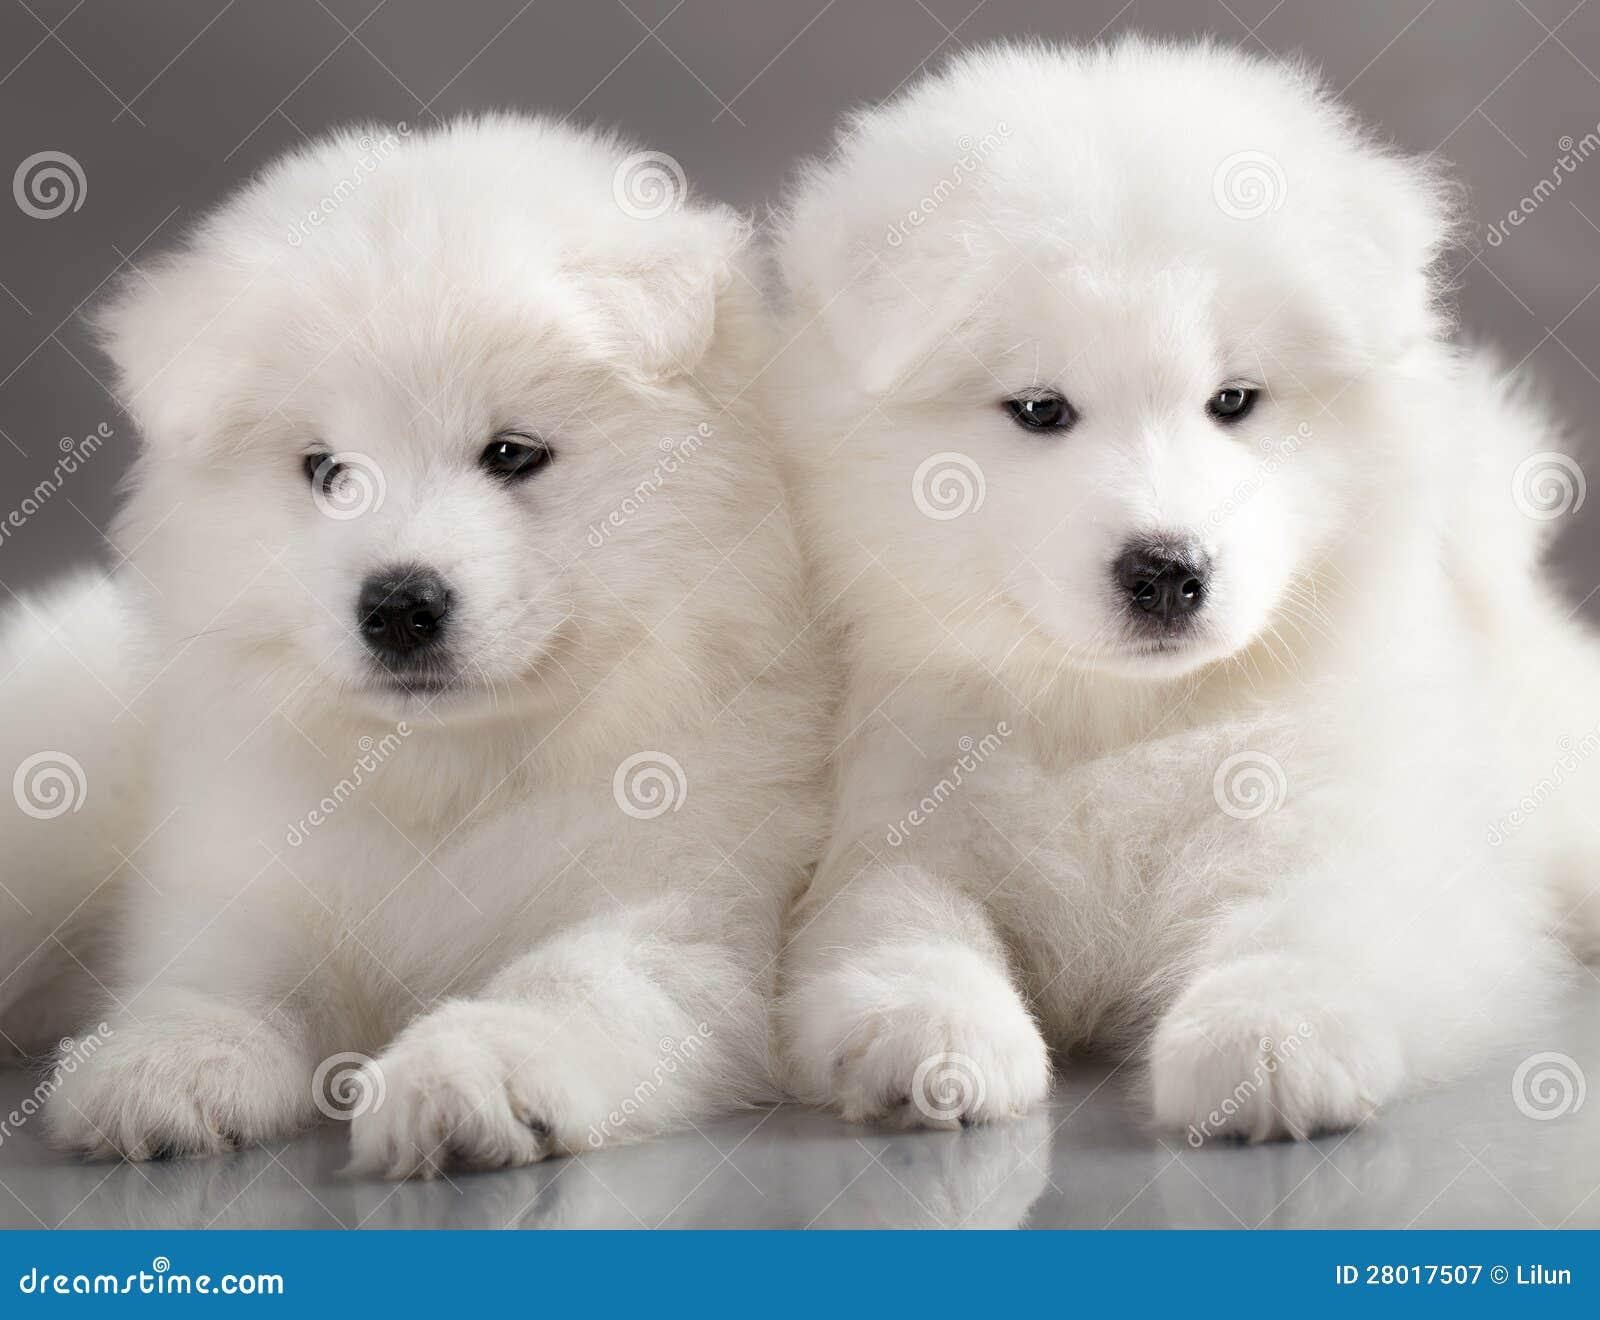 samoyed puppy royalty free stock photography image 28017507